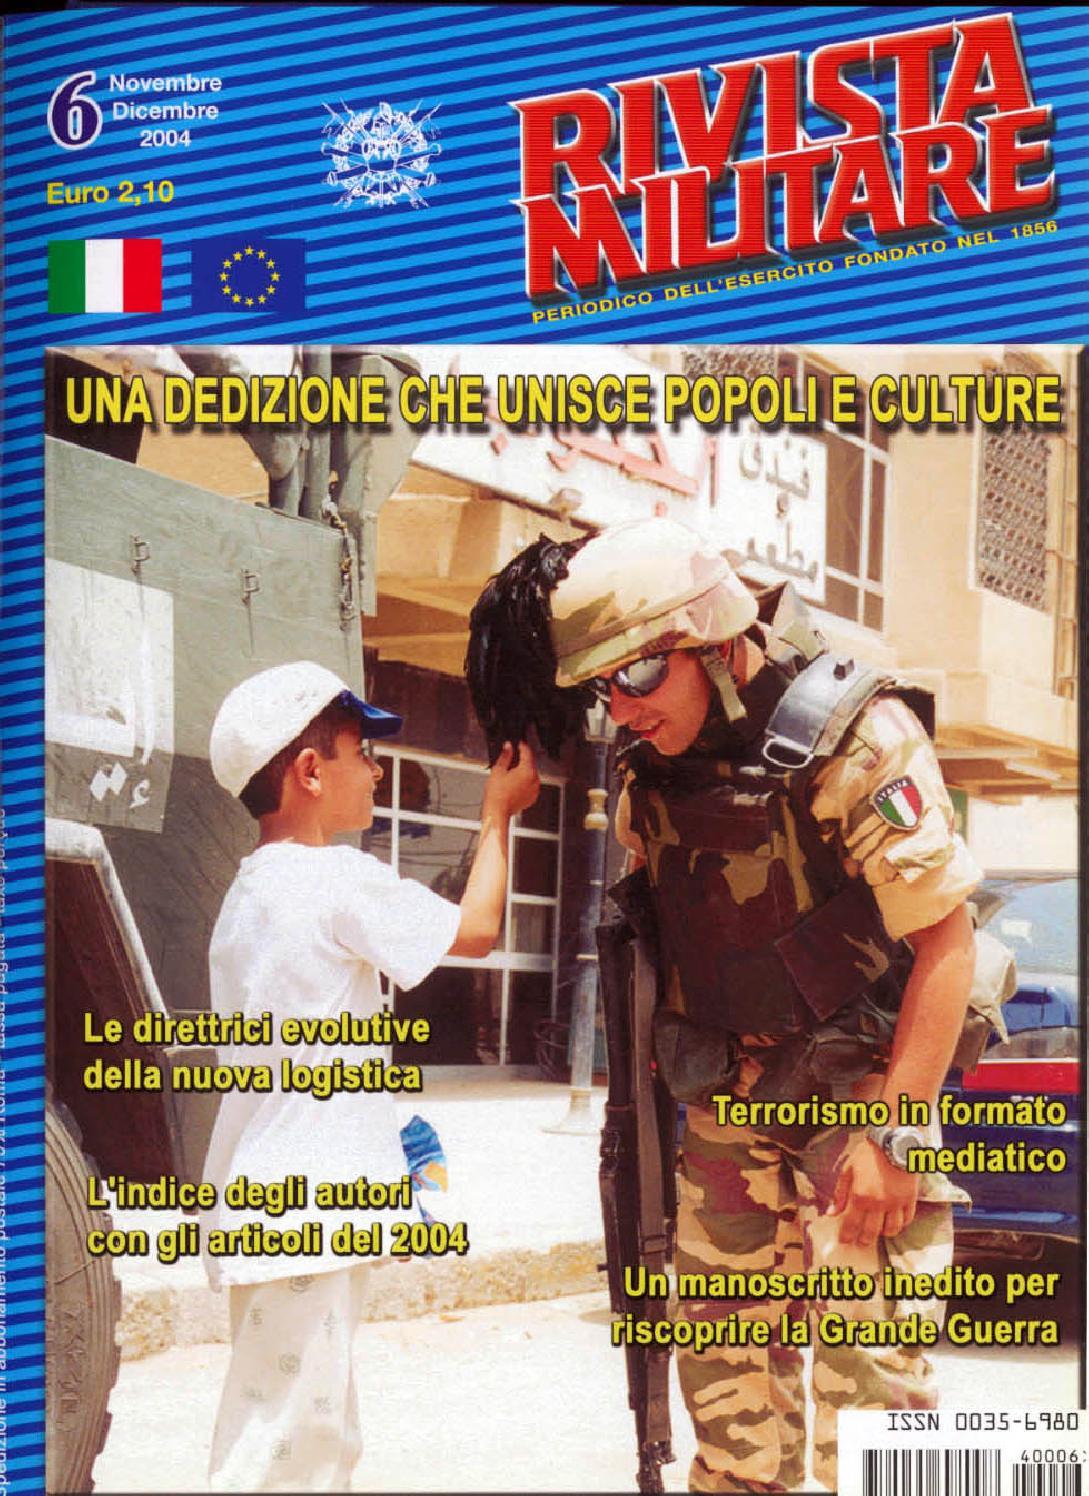 RIVISTA MILITARE 2004 N.6 by Biblioteca Militare - issuu 4ffb8def8729